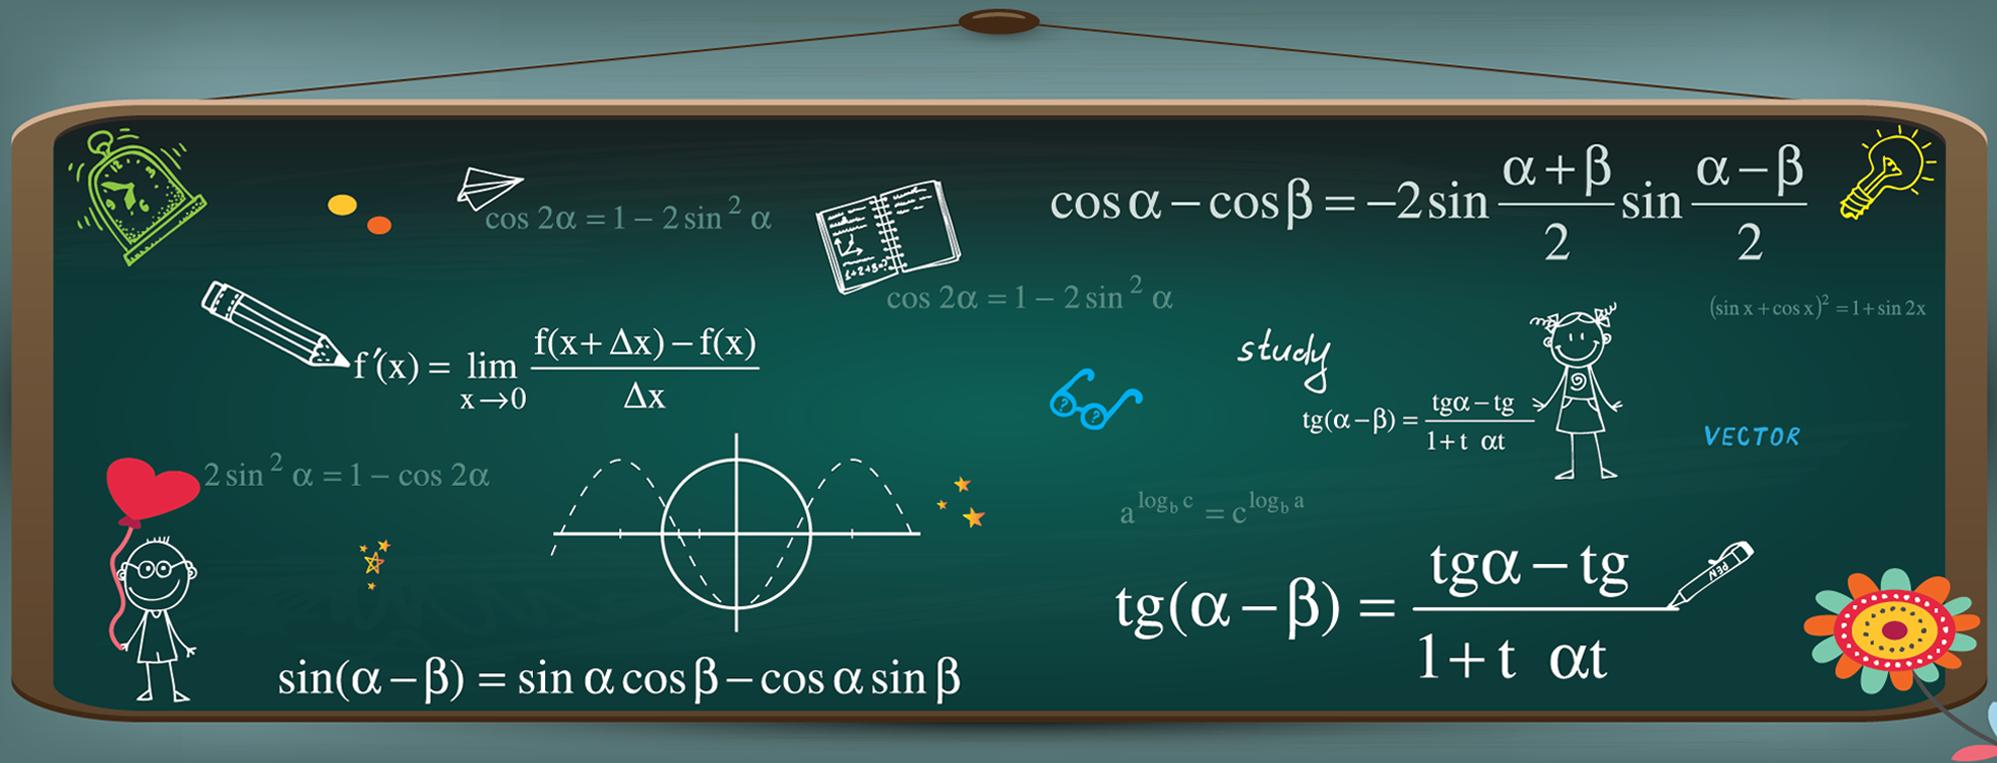 数学符号大全1几何符号⊥‖∠⌒⊙≡≌△2代数符号∝∧∨~∫≠≤≥≈图片